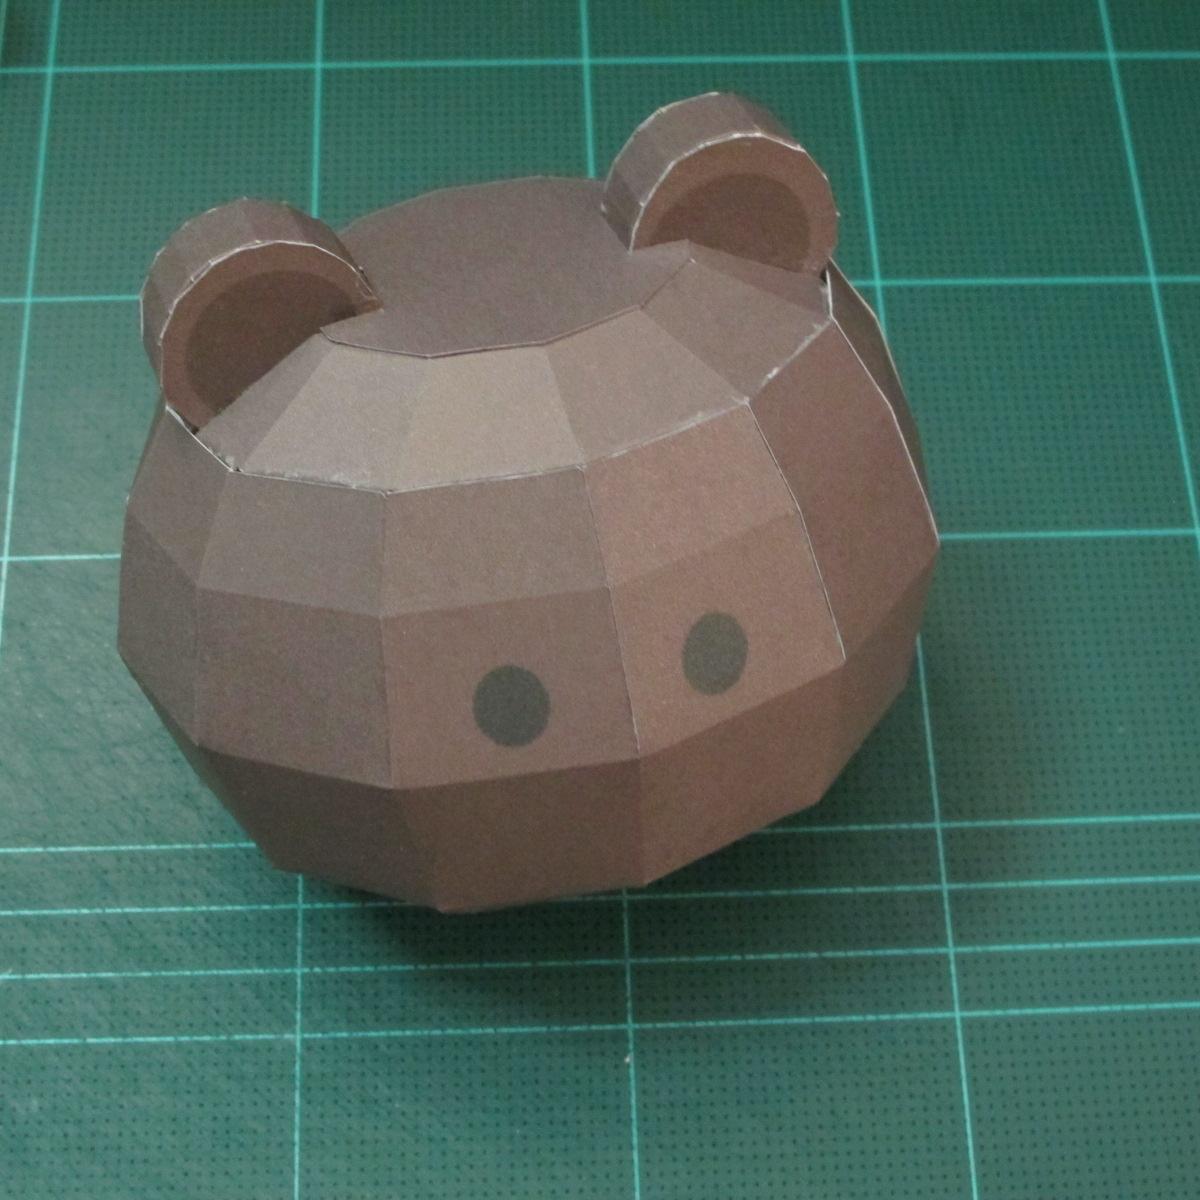 วิธีทำโมเดลกระดาษหมีบราวน์ชุดบอลโลก 2014 ทีมบราซิล (LINE Brown Bear in FIFA World Cup 2014 Brazil Jerseys Papercraft Model) 028